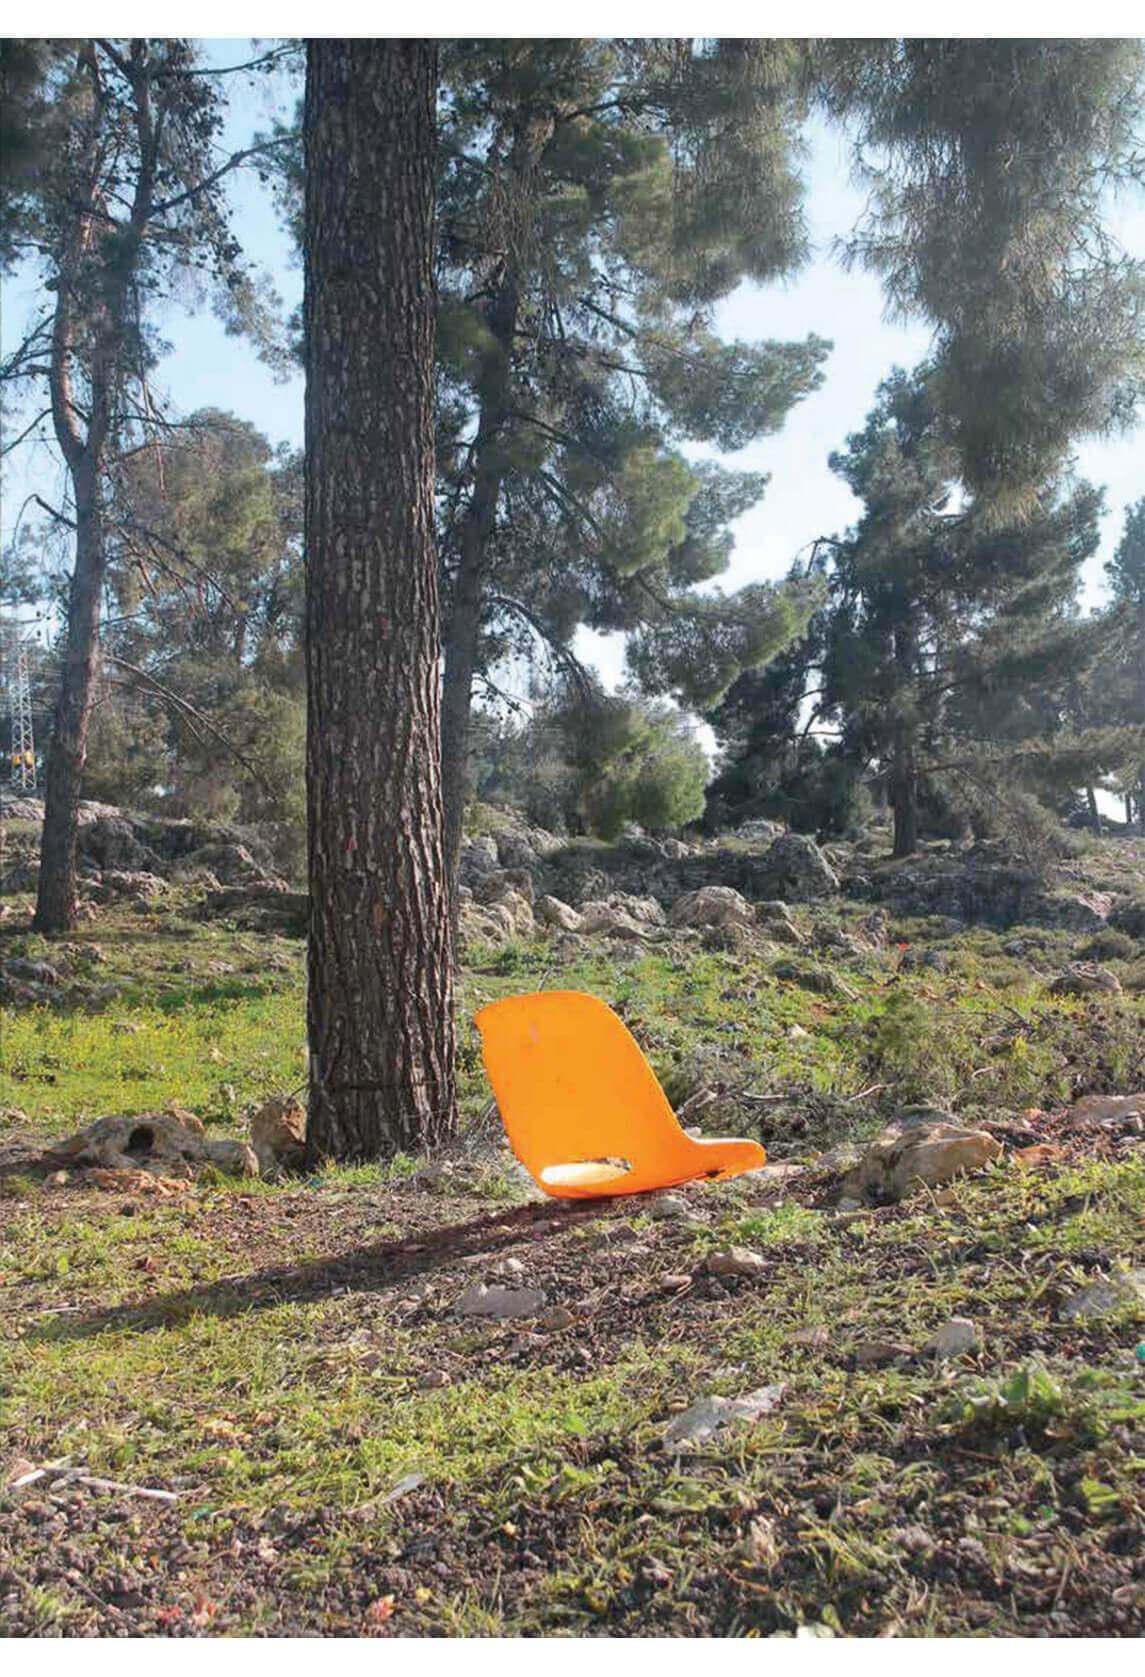 כיסא התבודדות ביער